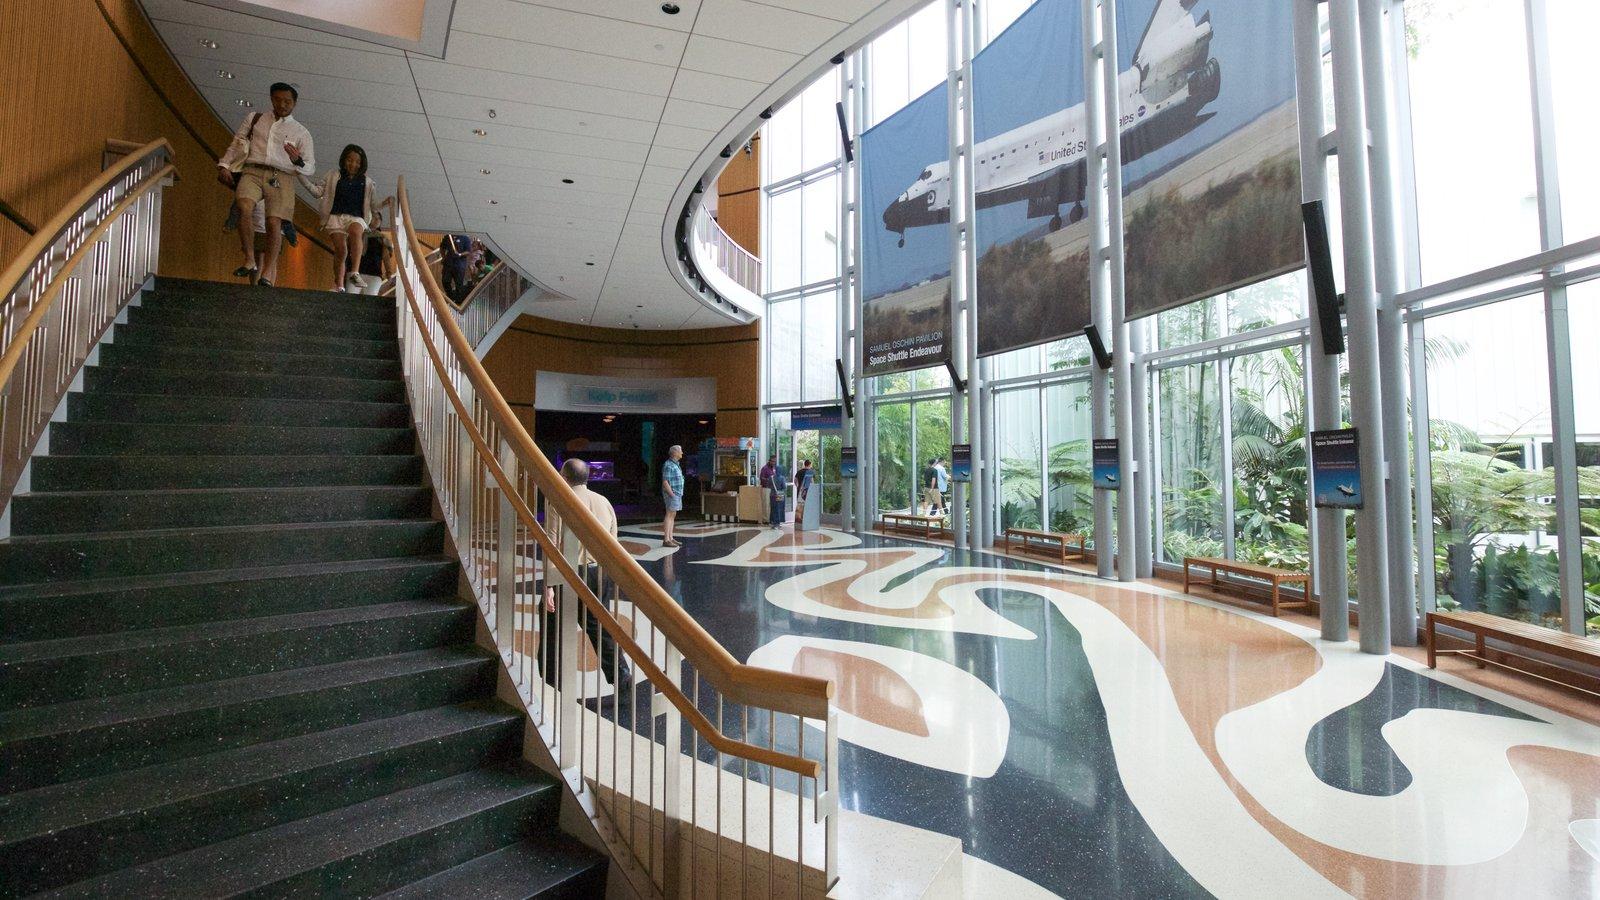 Museo California Science Center ofreciendo vistas interiores